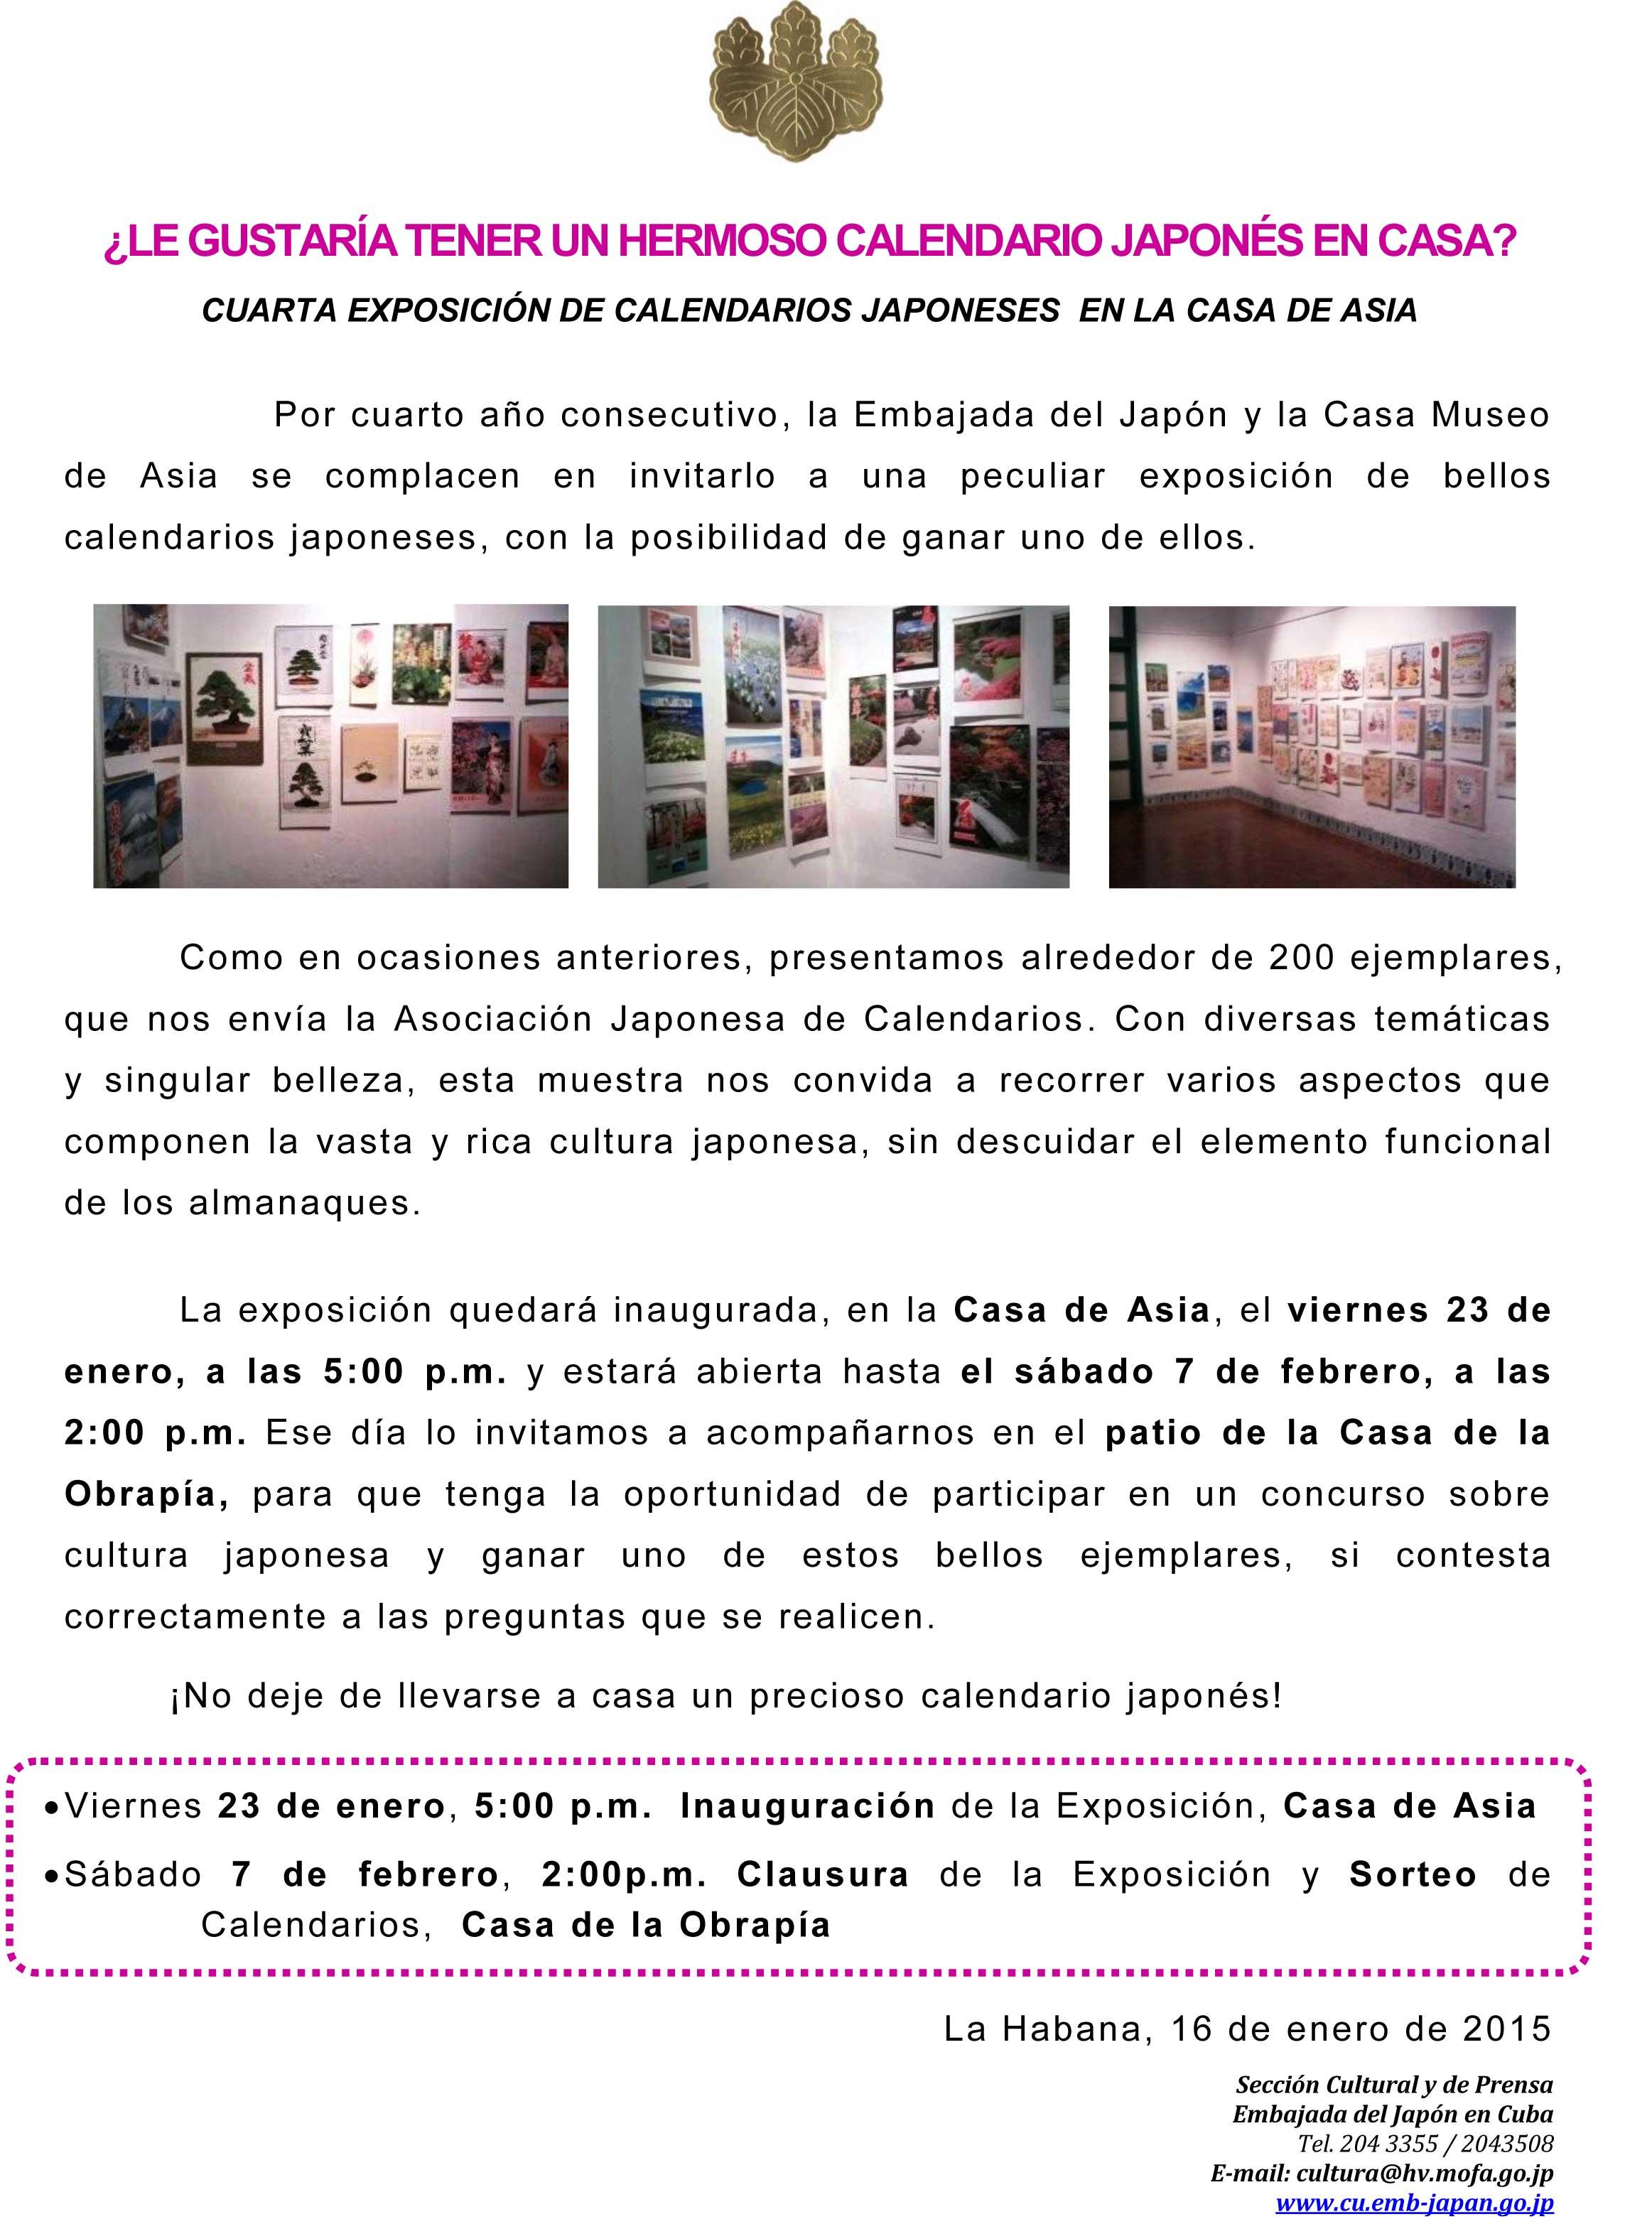 Calendario Japones.Embajada Del Japon En Cuba